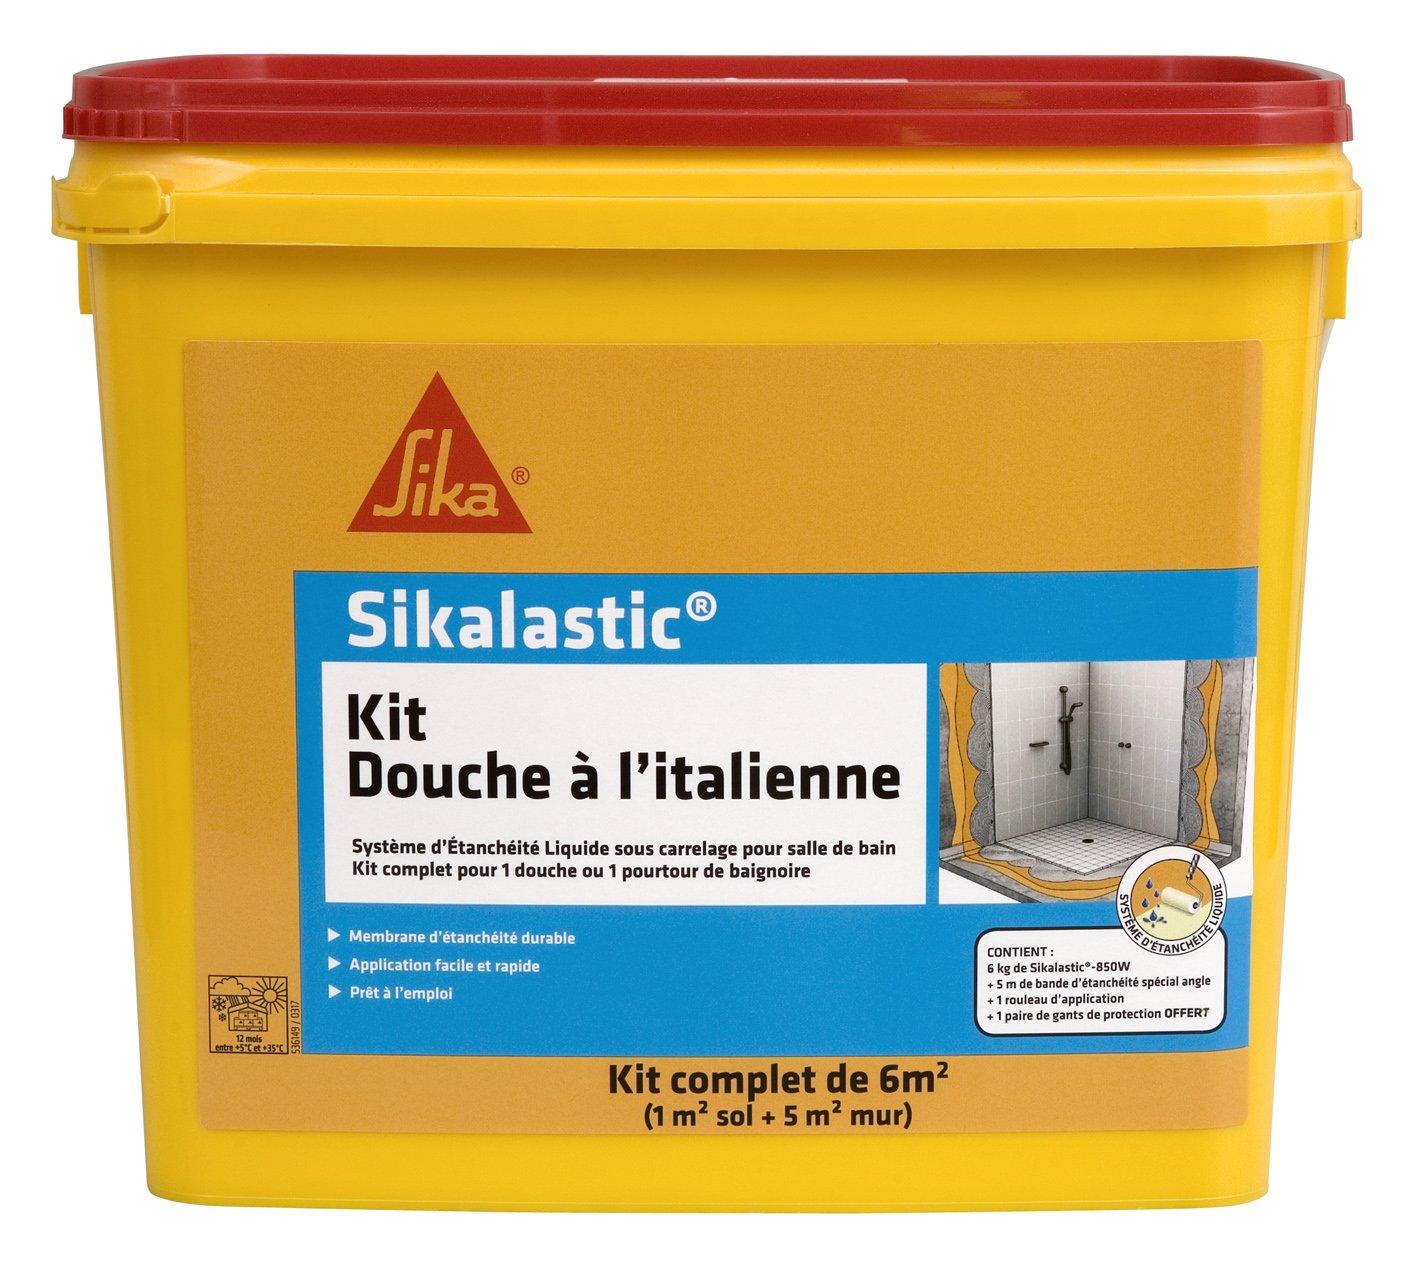 Kit Douche A L Italienne Kit D Etancheite Sous Carrelage Pour Salle